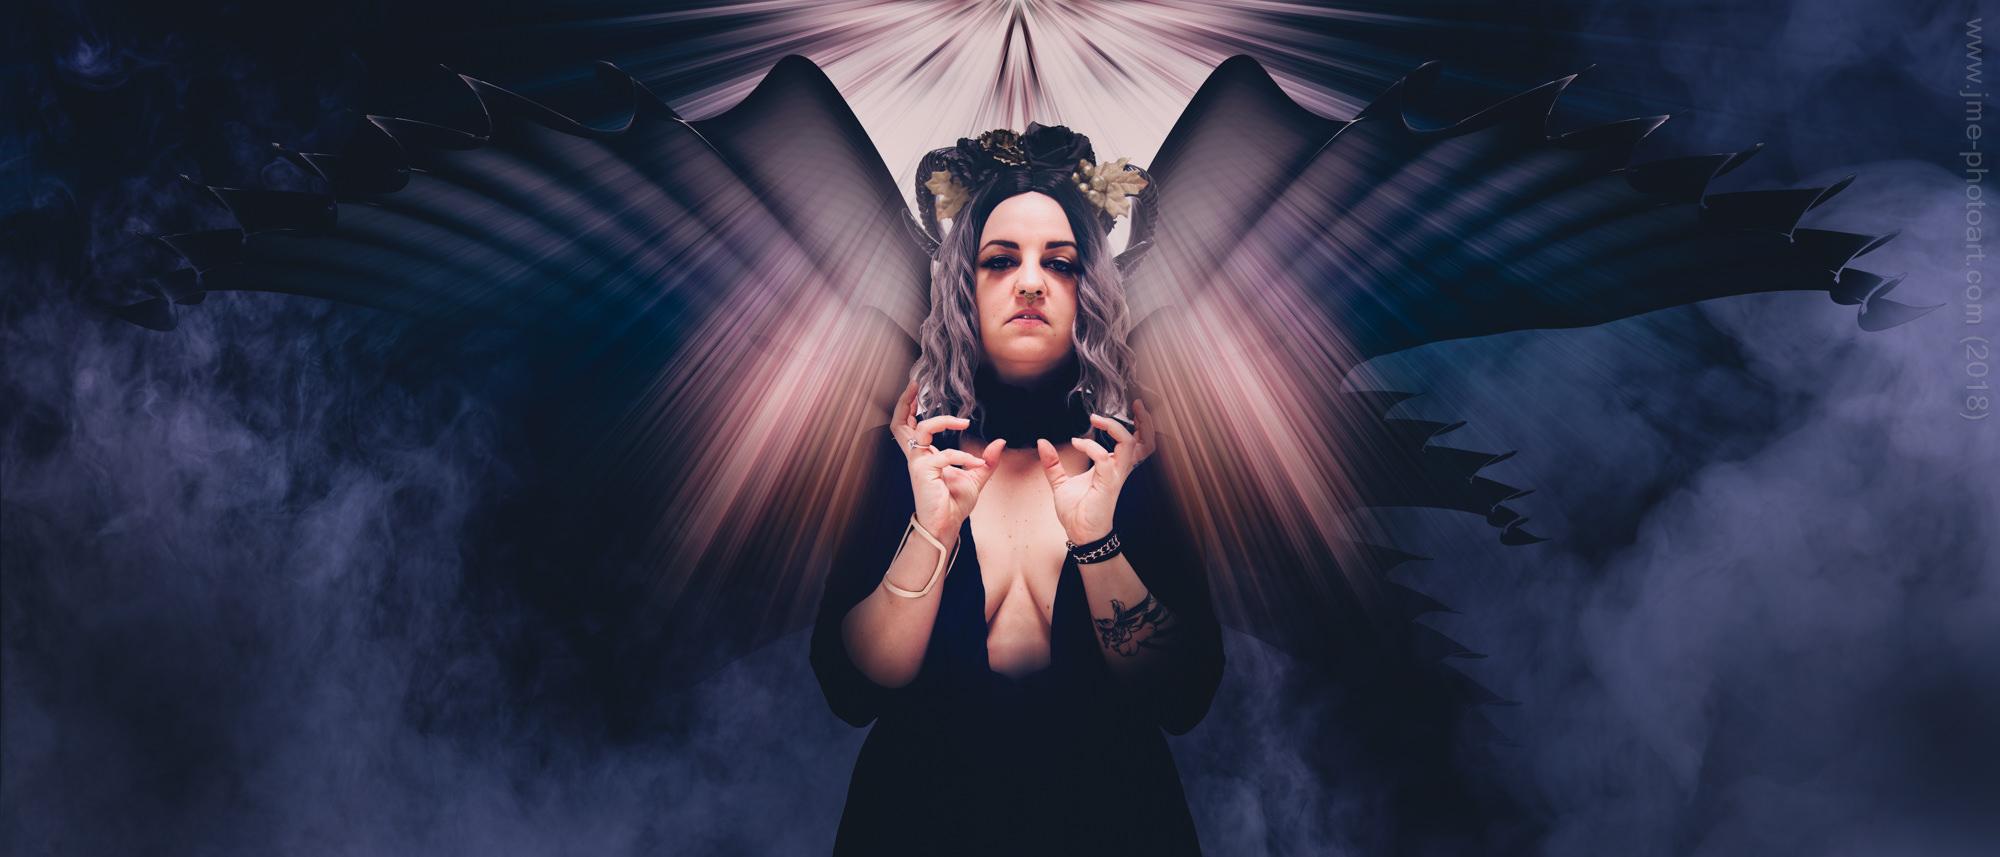 'Black Wings' - Model : Ana Morphic  September 2017